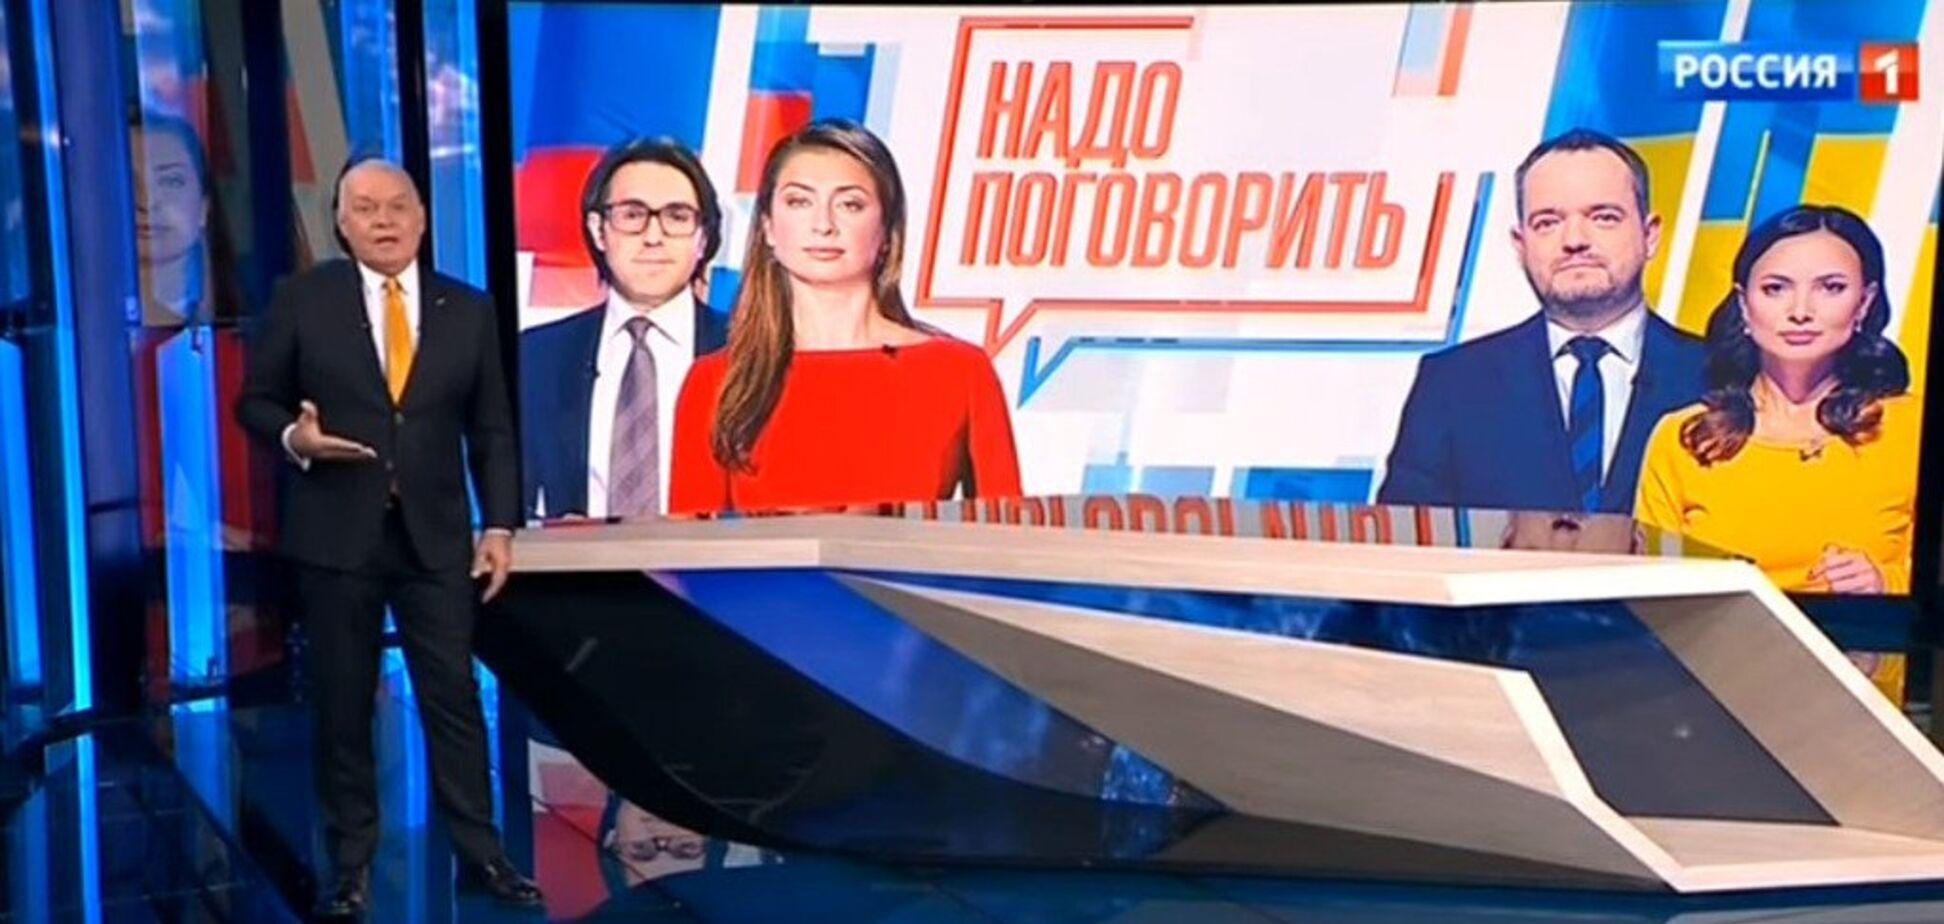 Телеміст NewsOne з Росією: пропагандисти готують нахабну витівку